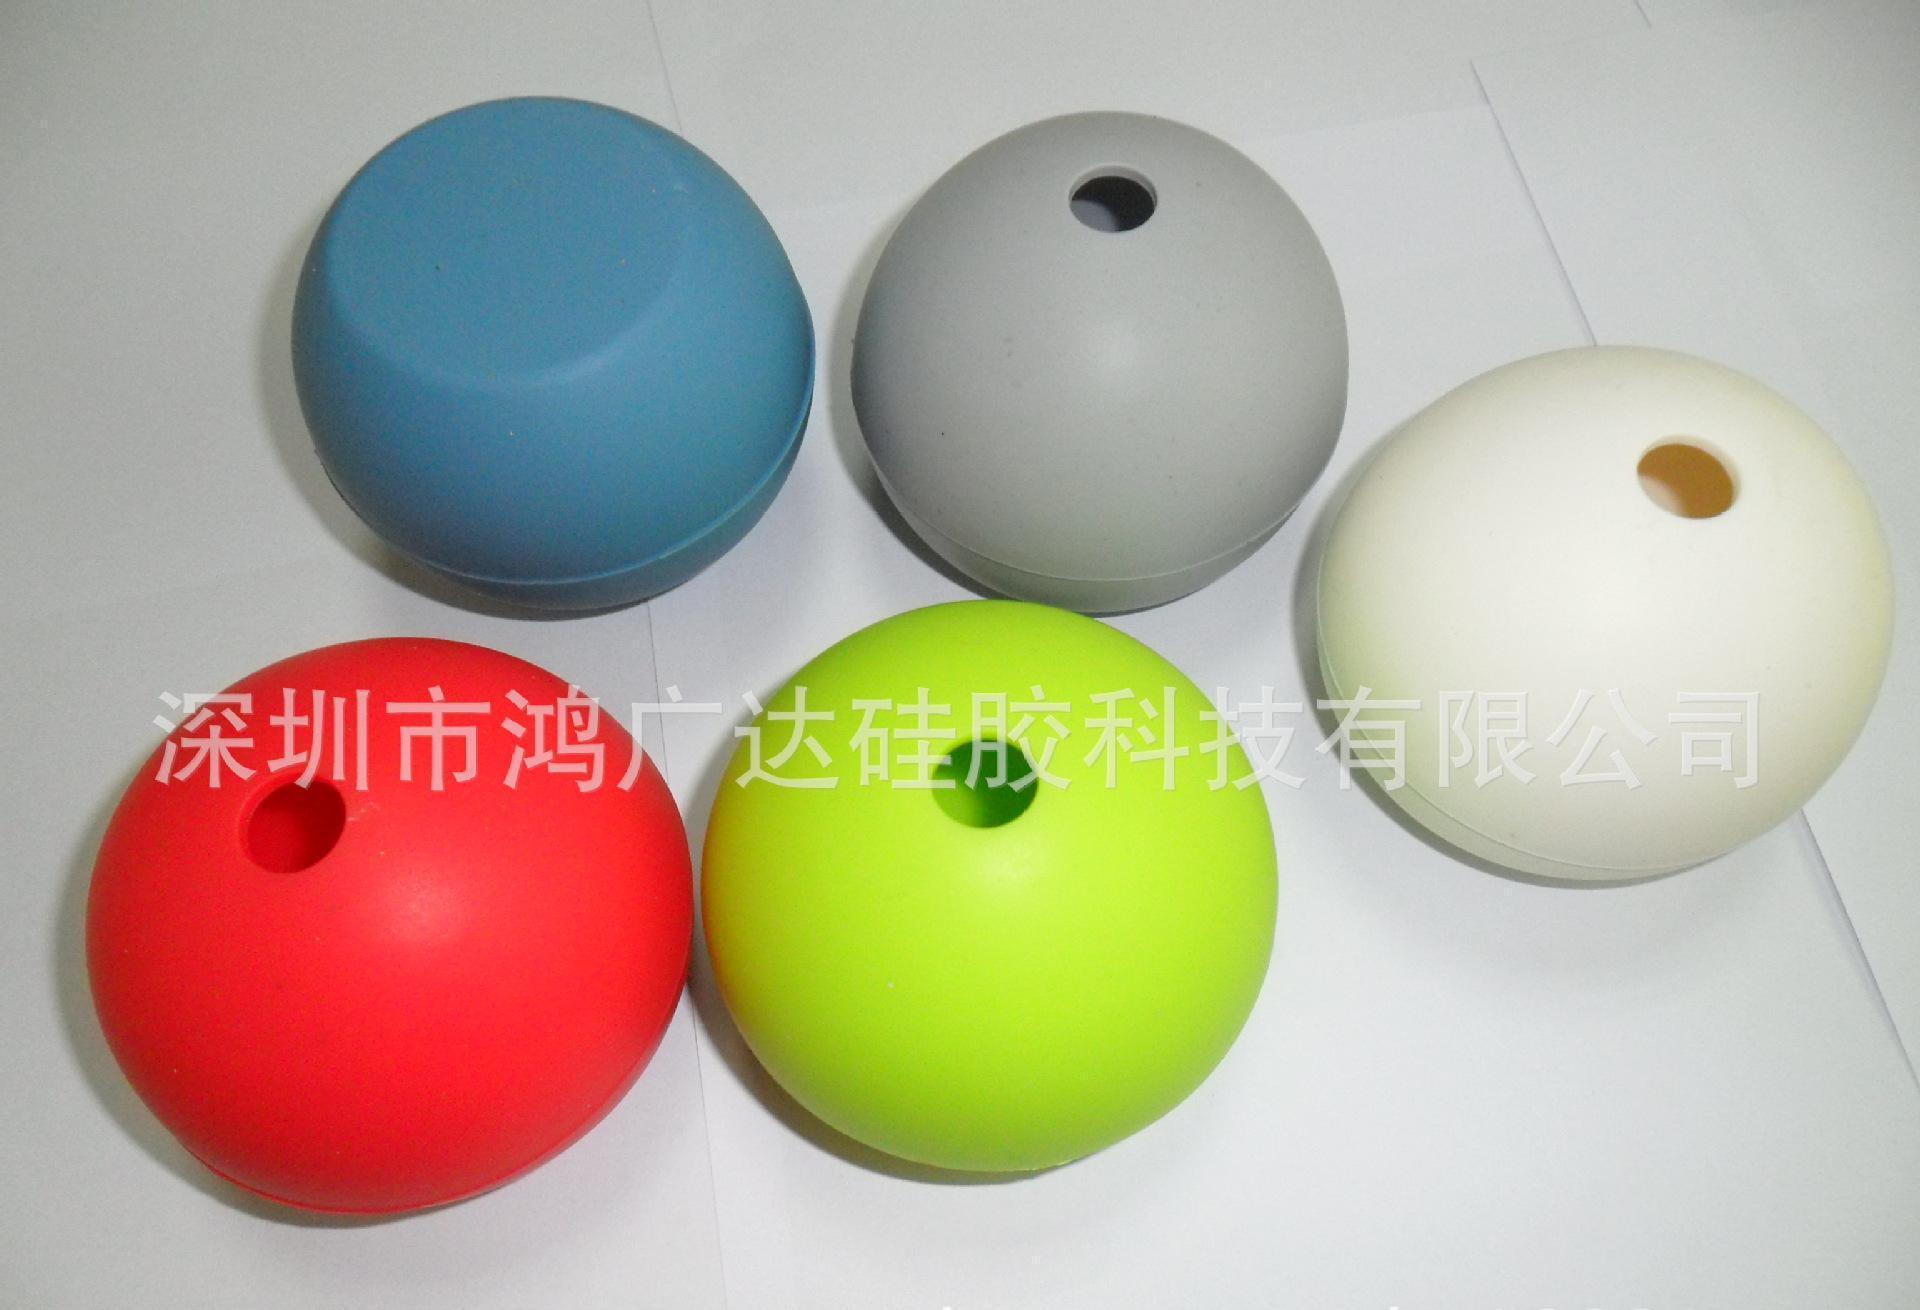 硅胶冰球 硅胶礼品 圆形硅胶冰球 冰球高68 硅胶套 保护壳 bht